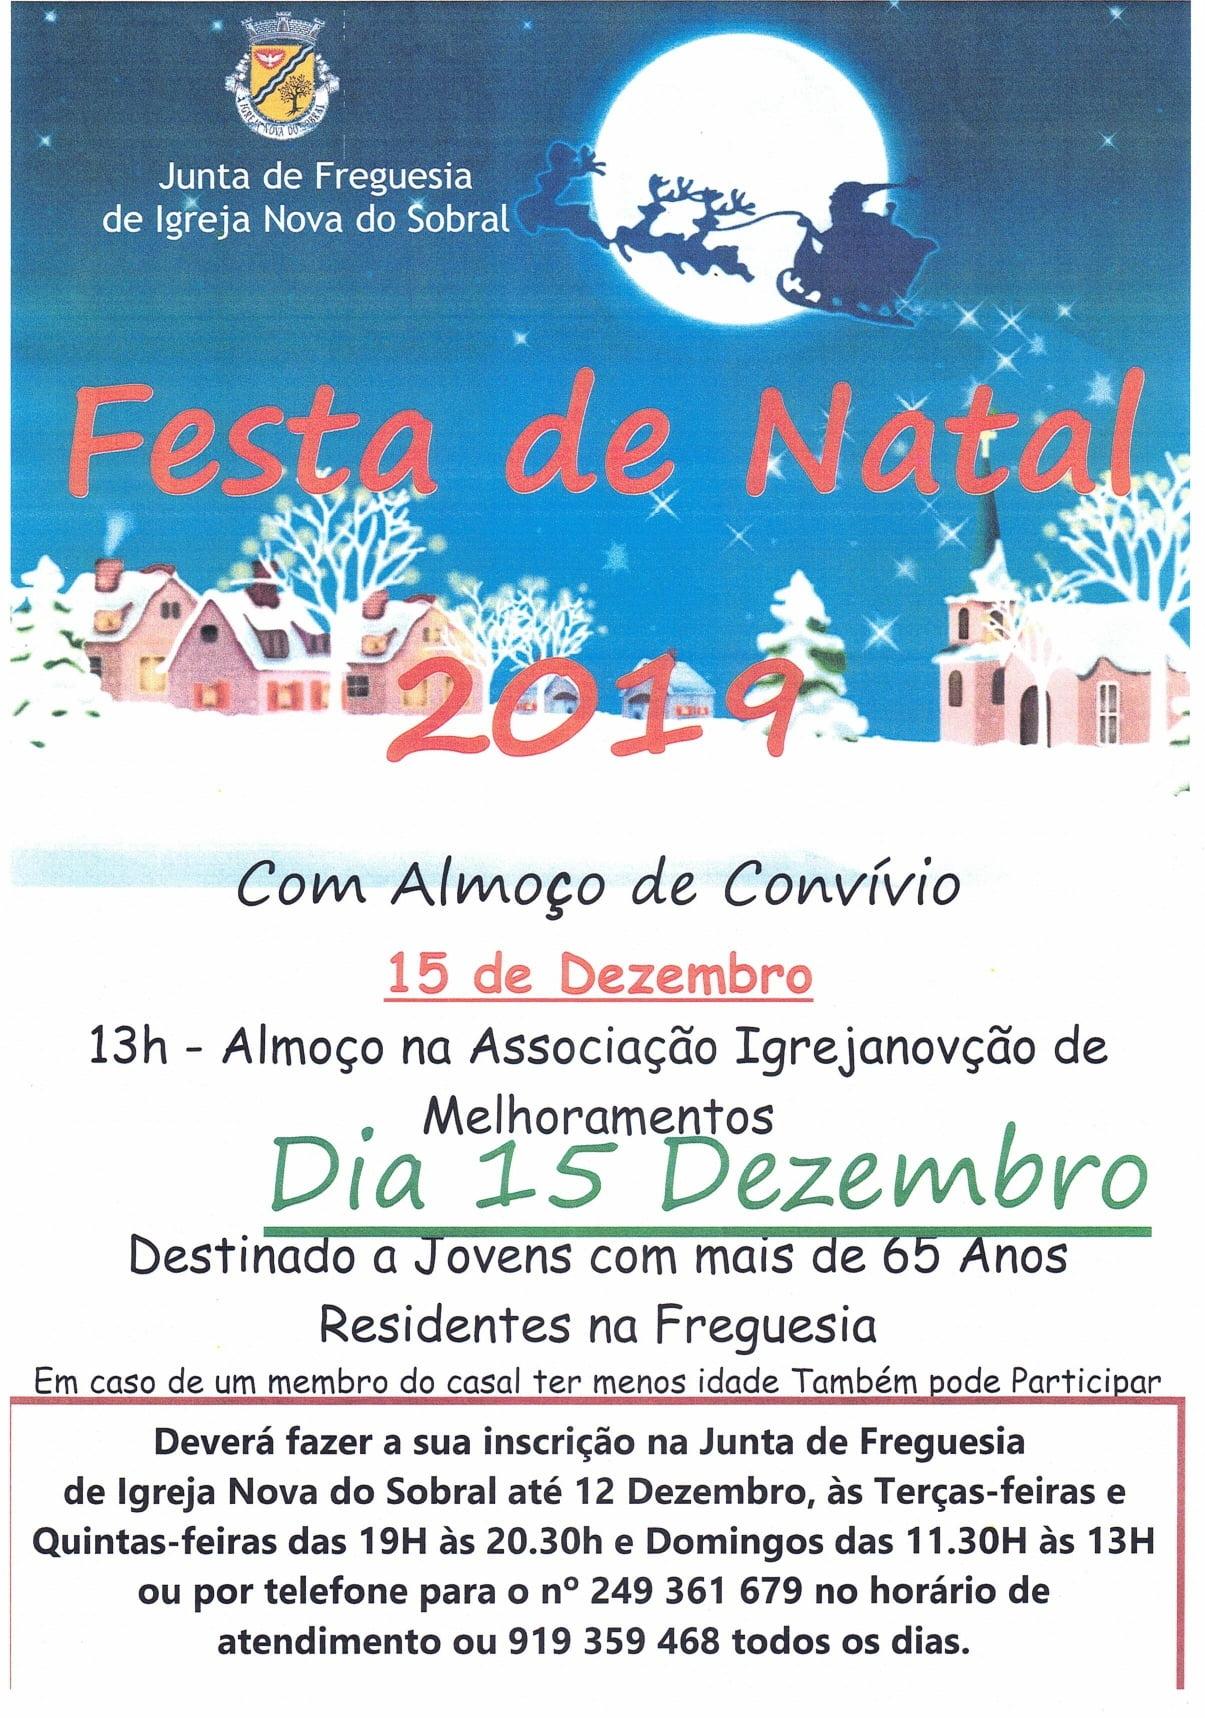 Festa de Natal 2019